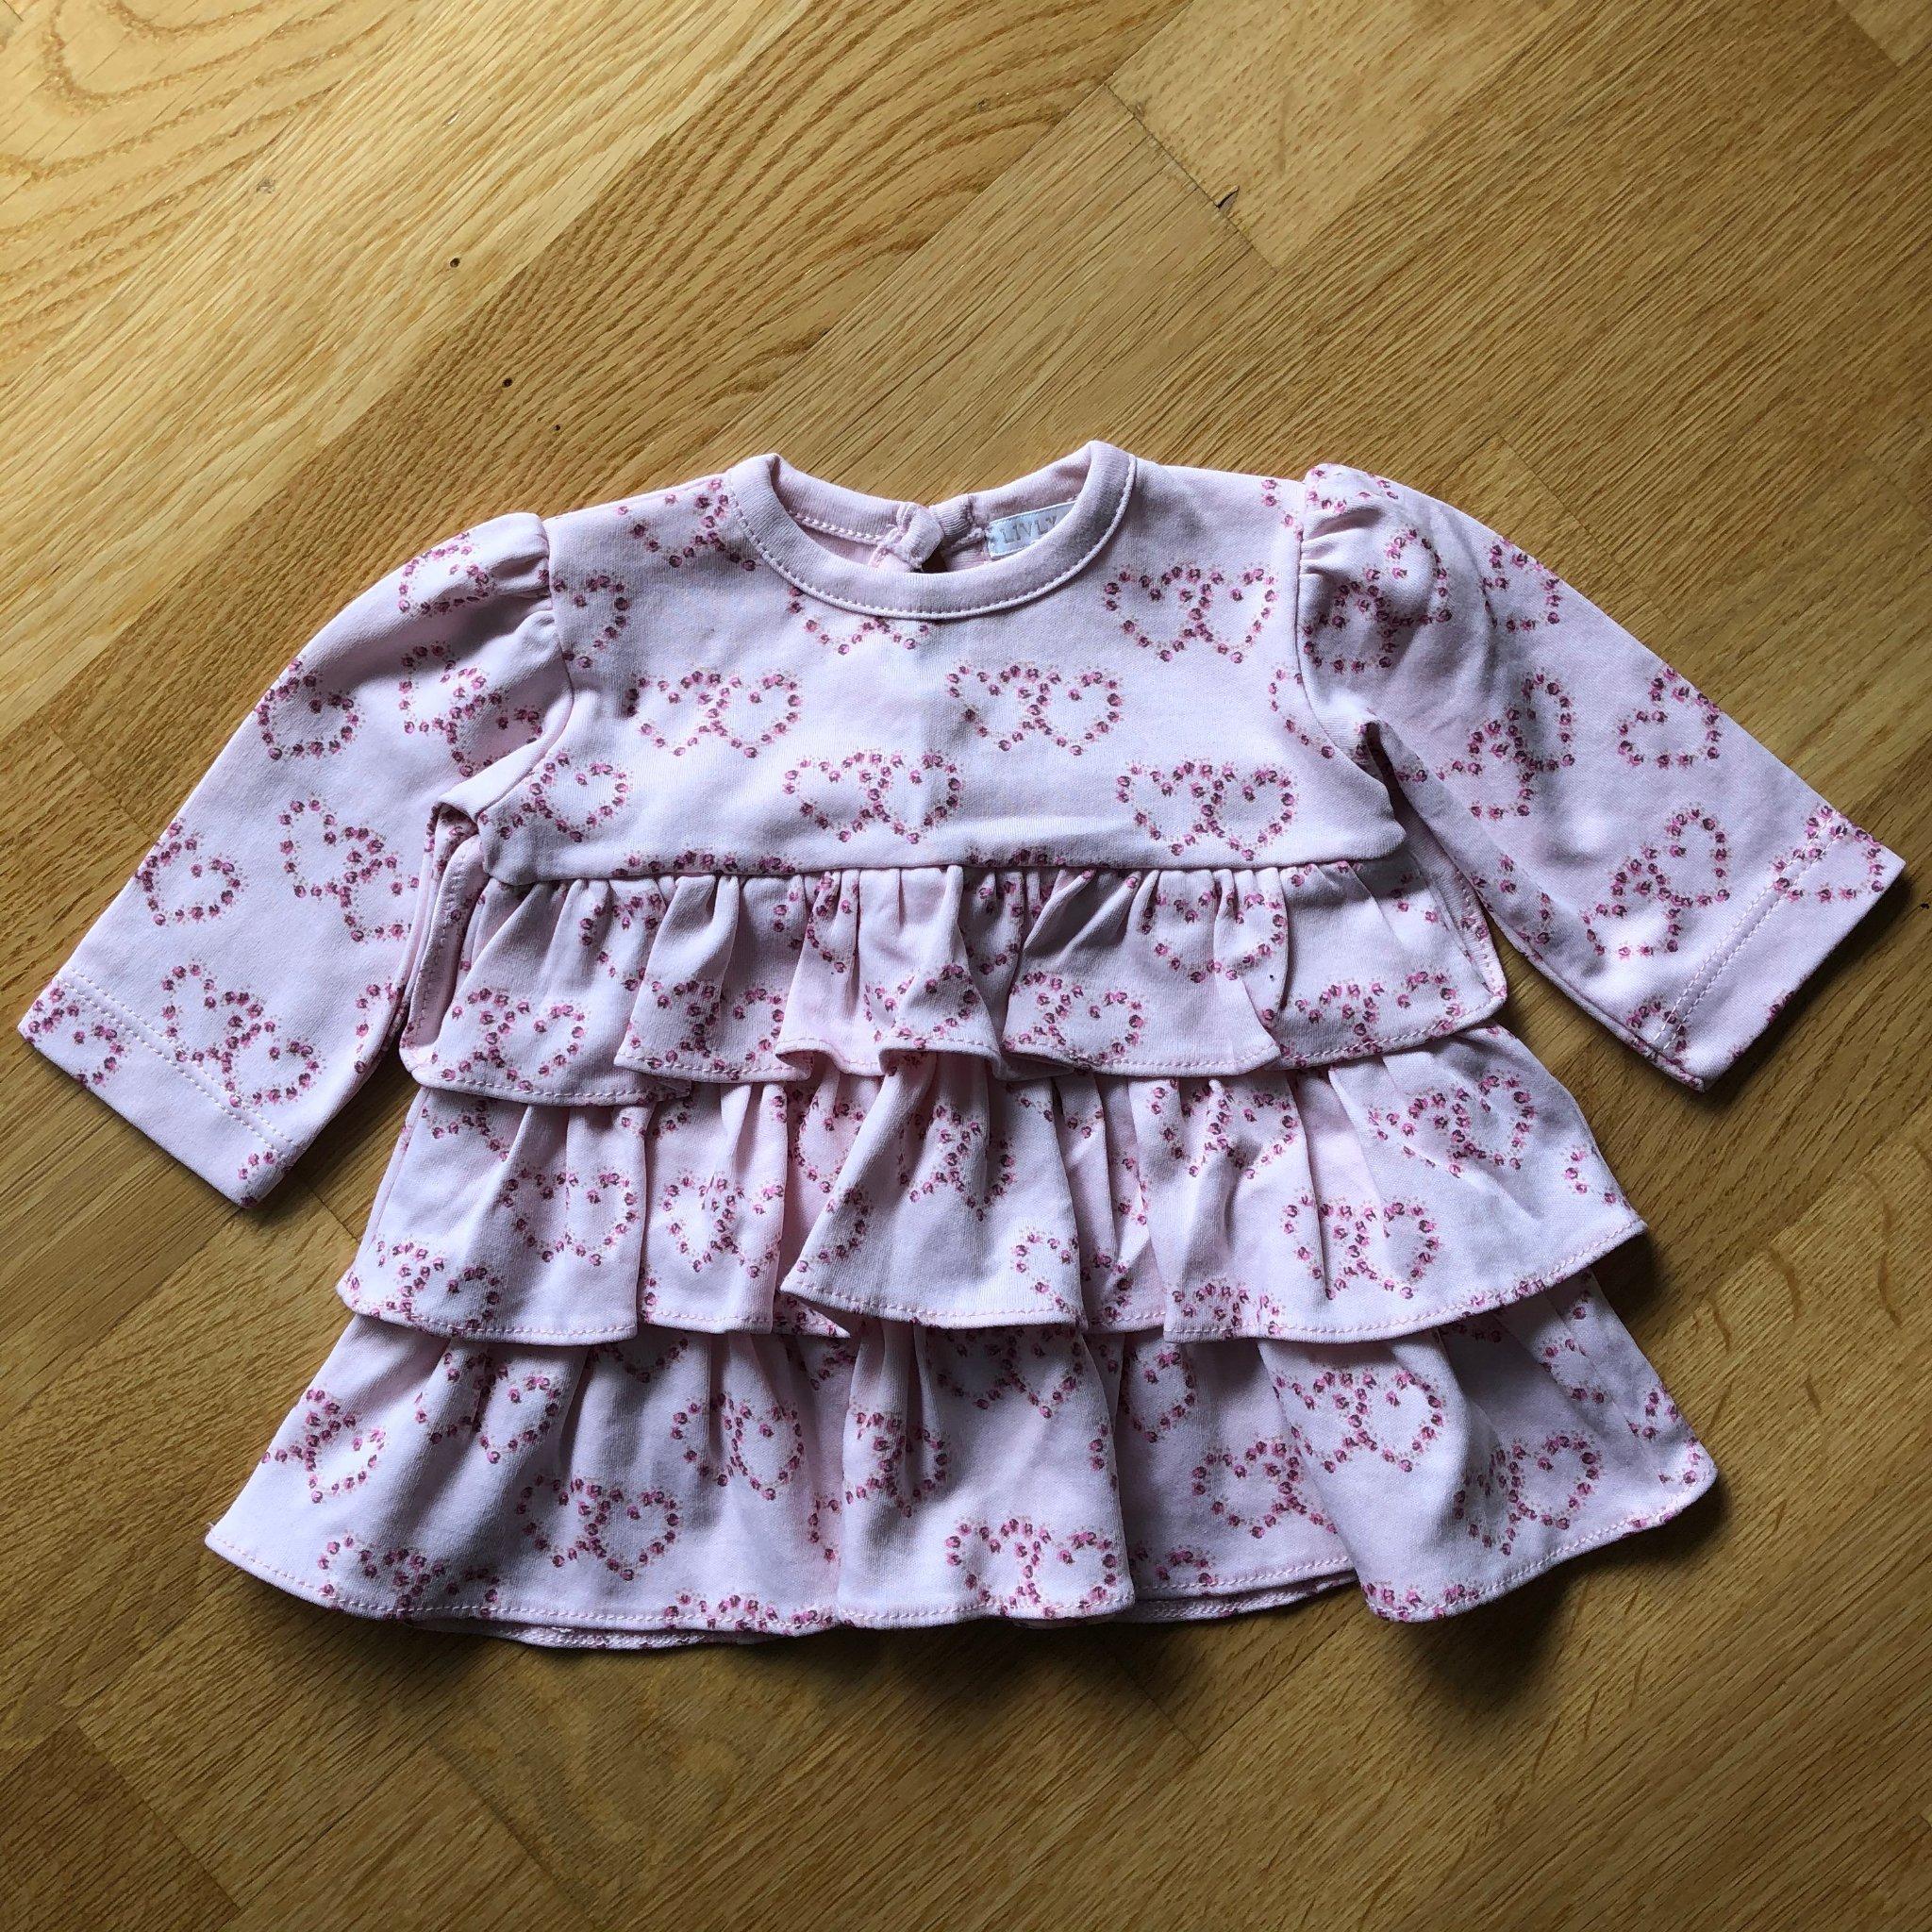 Livly klänning tunika (398418798) ᐈ Köp på Tradera